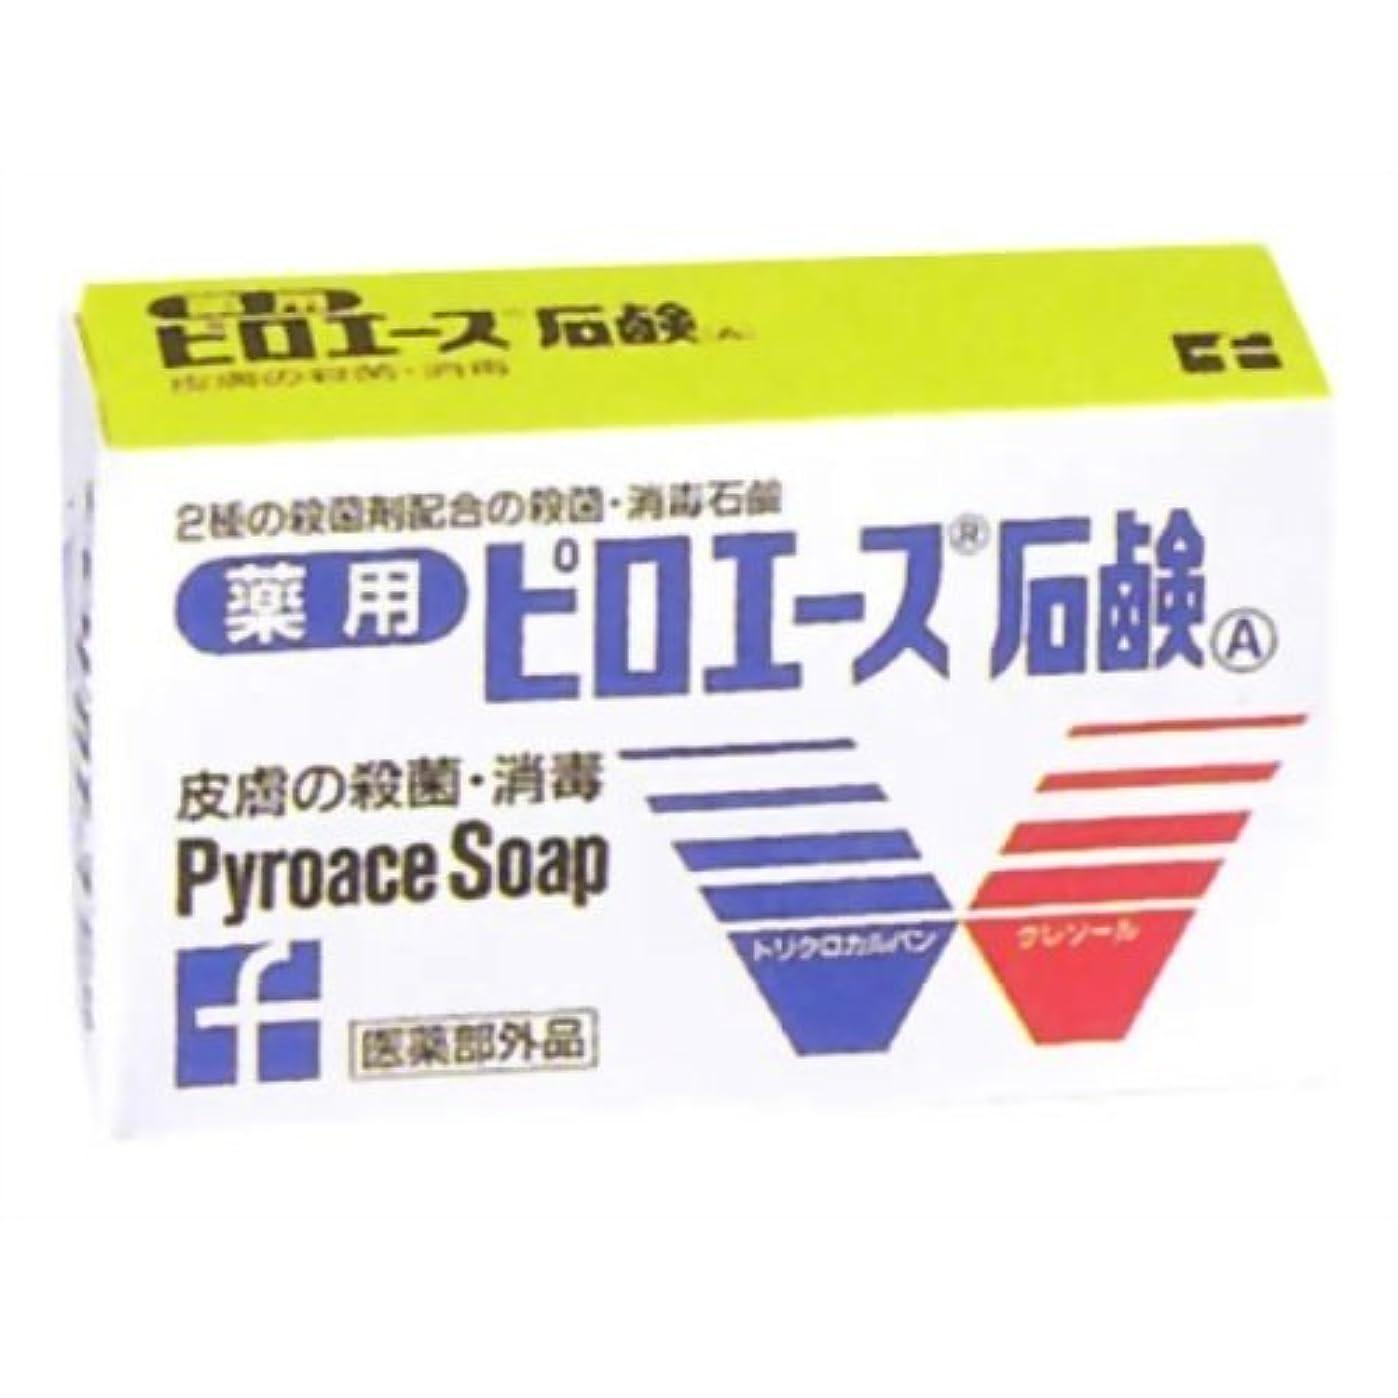 脱走変化する期限【第一三共ヘルスケア】ピロエース石鹸 70g